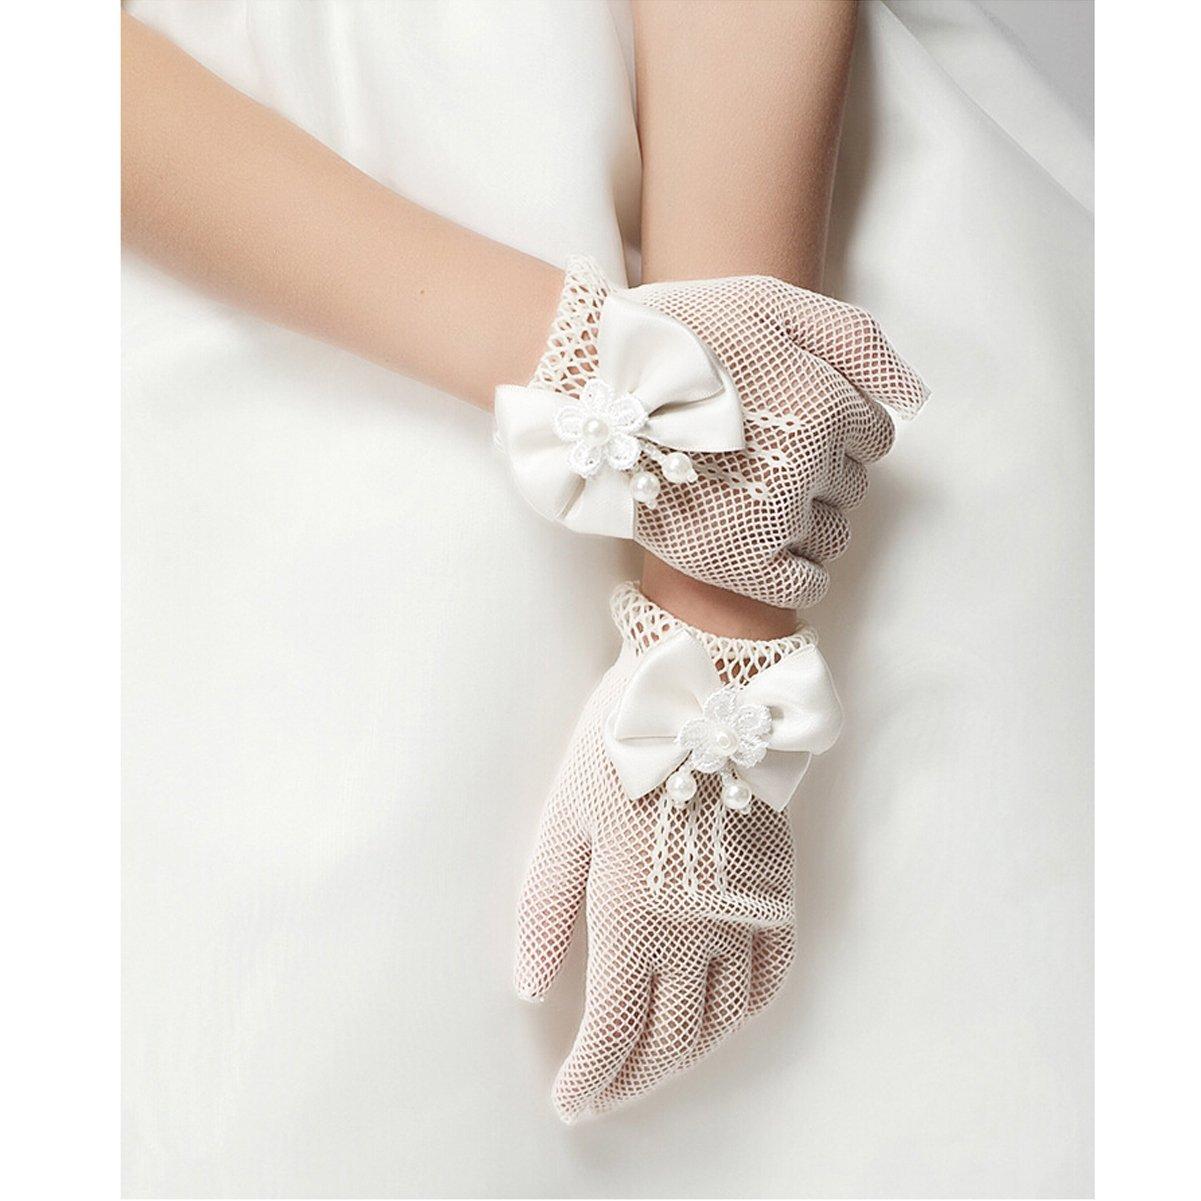 Unilove Flower Girl Gloves White Ivory Lace Short Princess Gloves for Wedding Unilove-Glove-Ivory